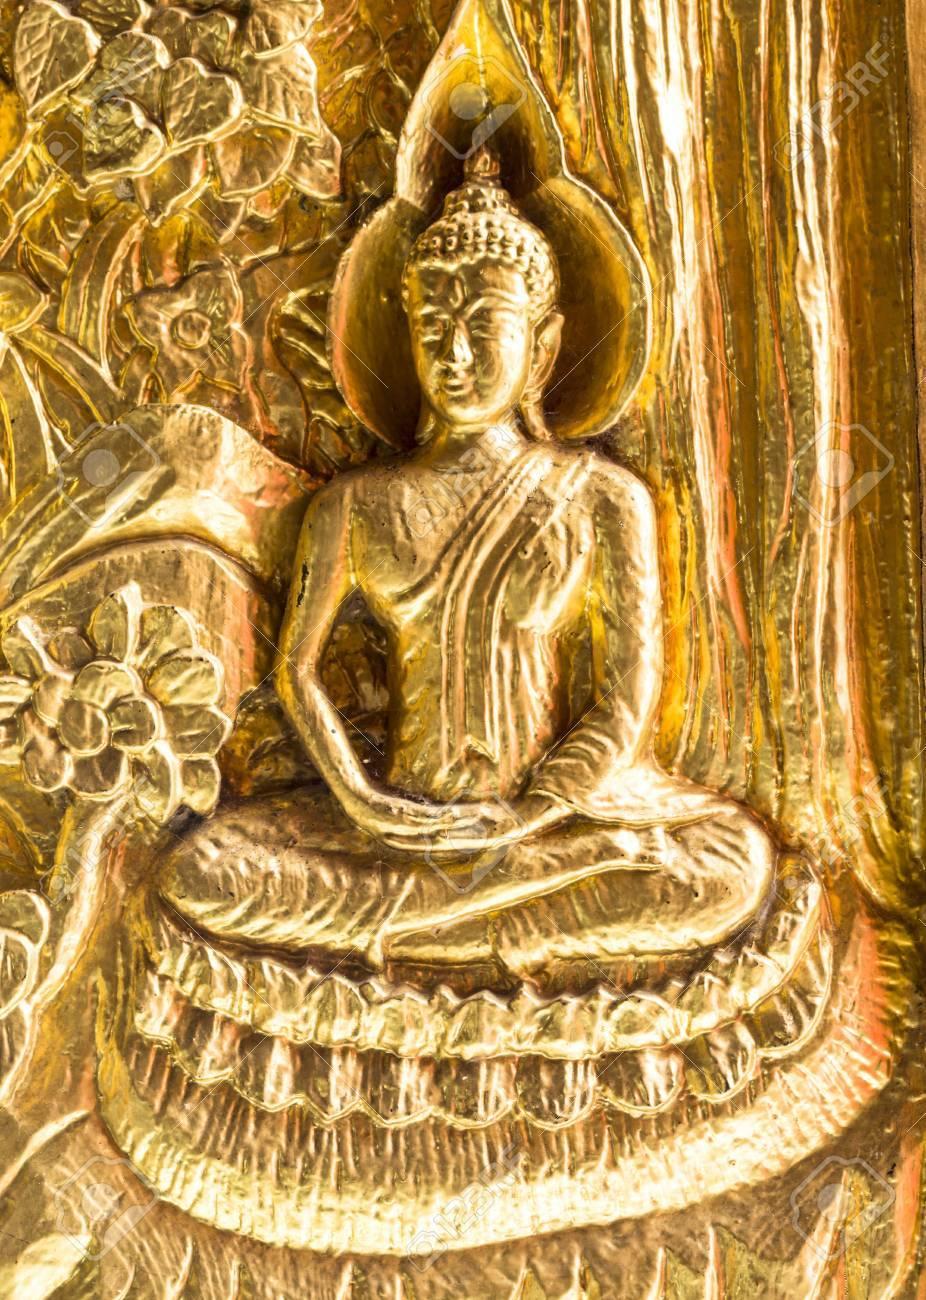 Golden Buddha (statue) on the door in Wat phra Taen Sila Art, Uttaradit, Thailand. - 17039814